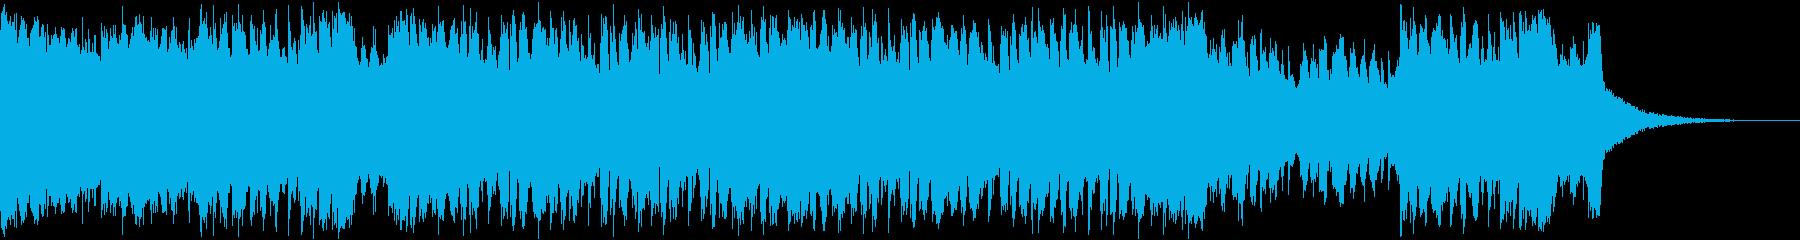 壮大/EDM/ハウス/エモい/切ないの再生済みの波形